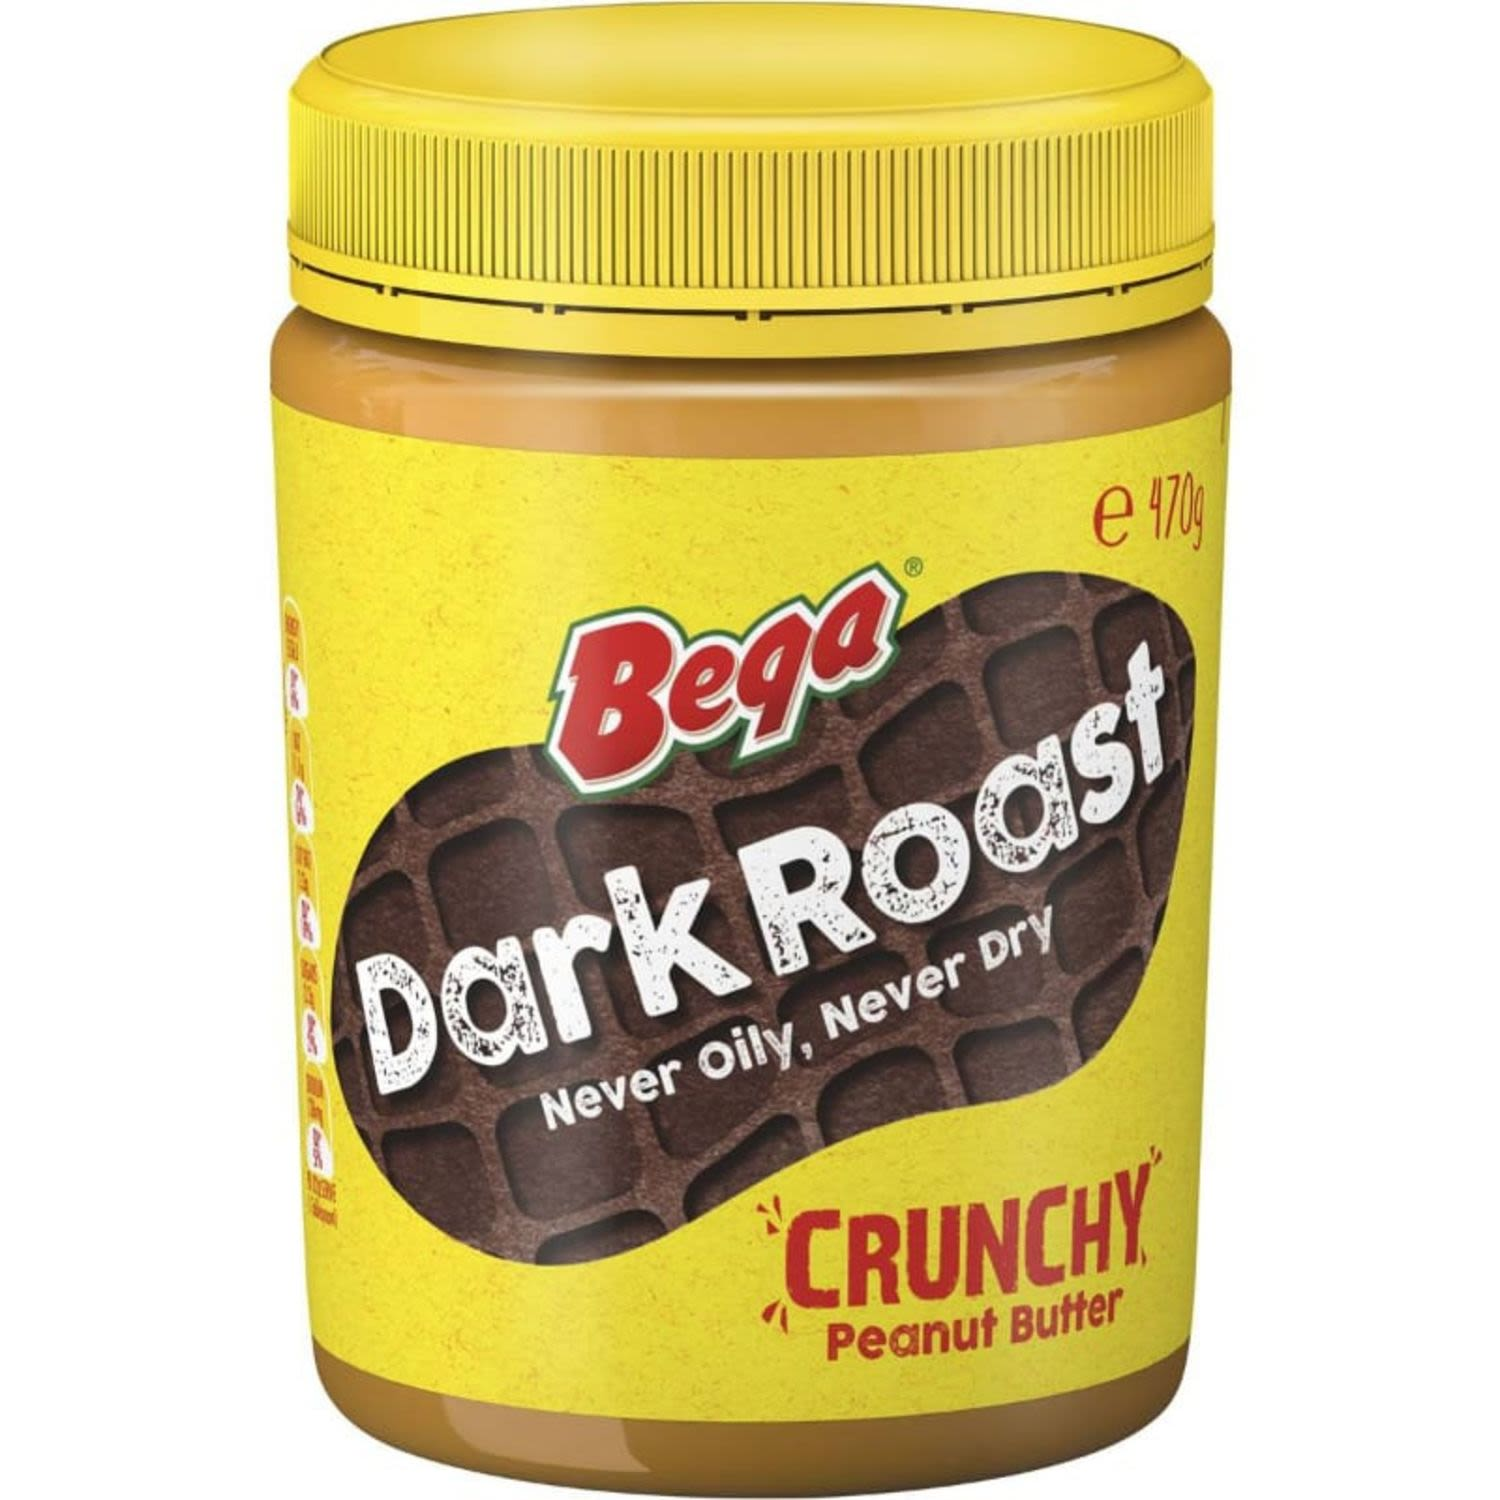 Bega Peanut Butter Crunchy Dark Roasted, 470 Gram